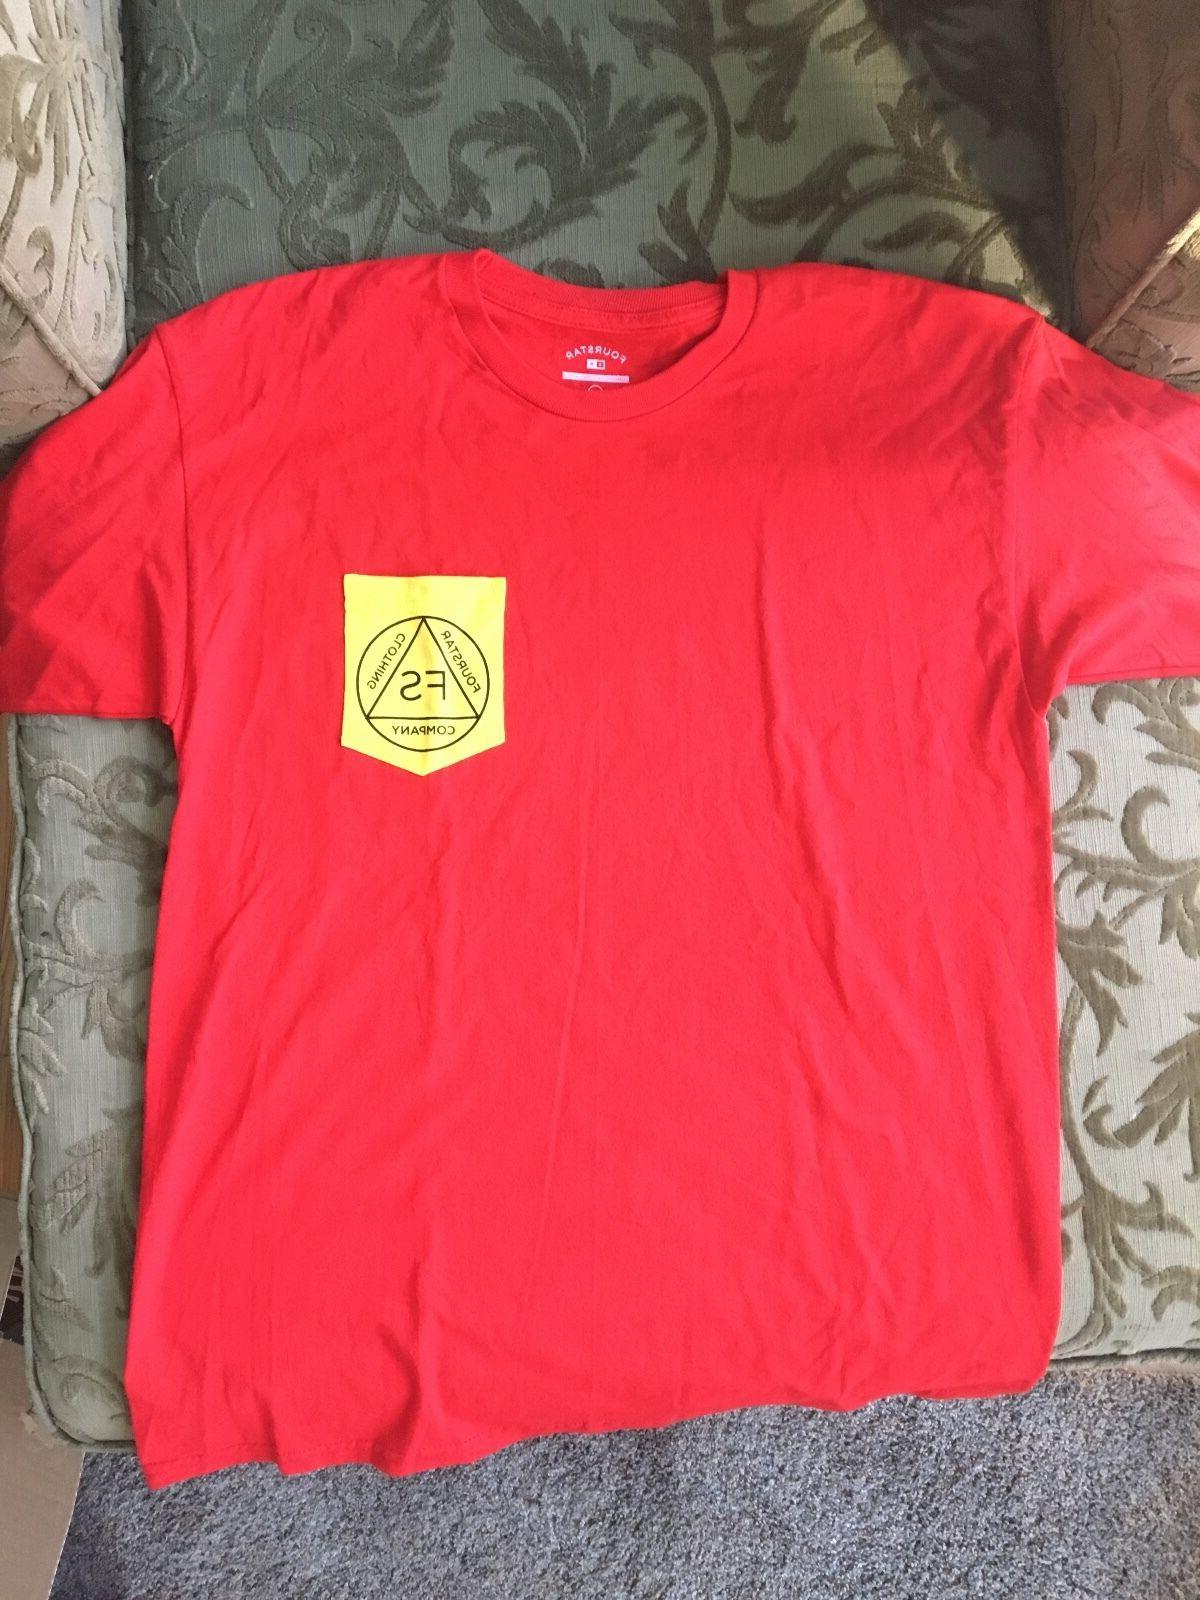 Fourstar Skateboarding Clothing Men's Red T Shirt Pocket Size L New